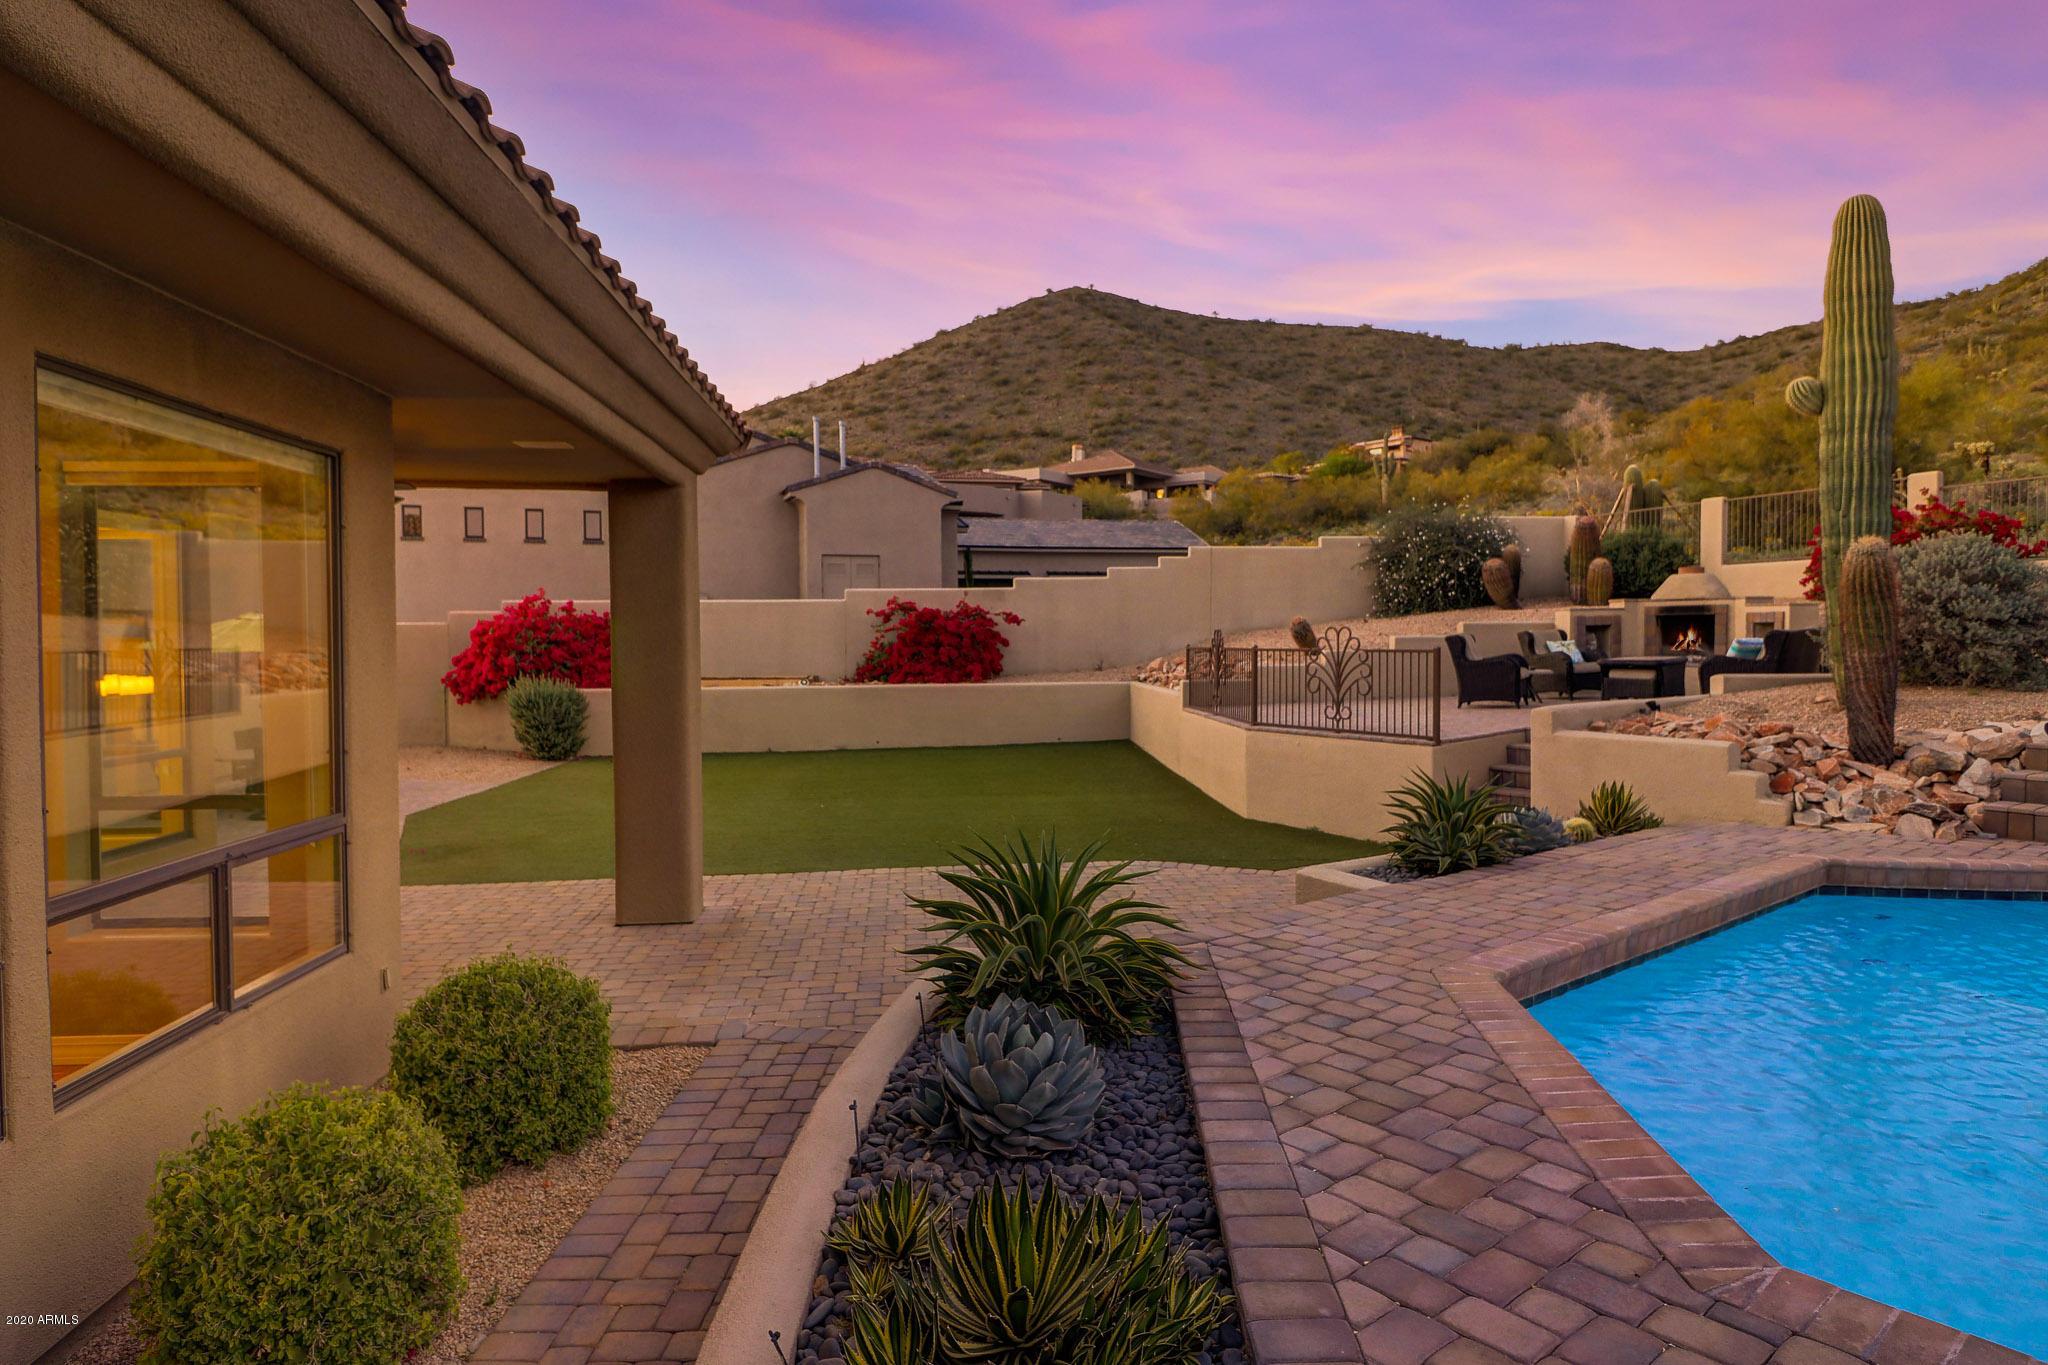 MLS 6061634 12633 N 120TH Place, Scottsdale, AZ 85259 Scottsdale AZ Ancala